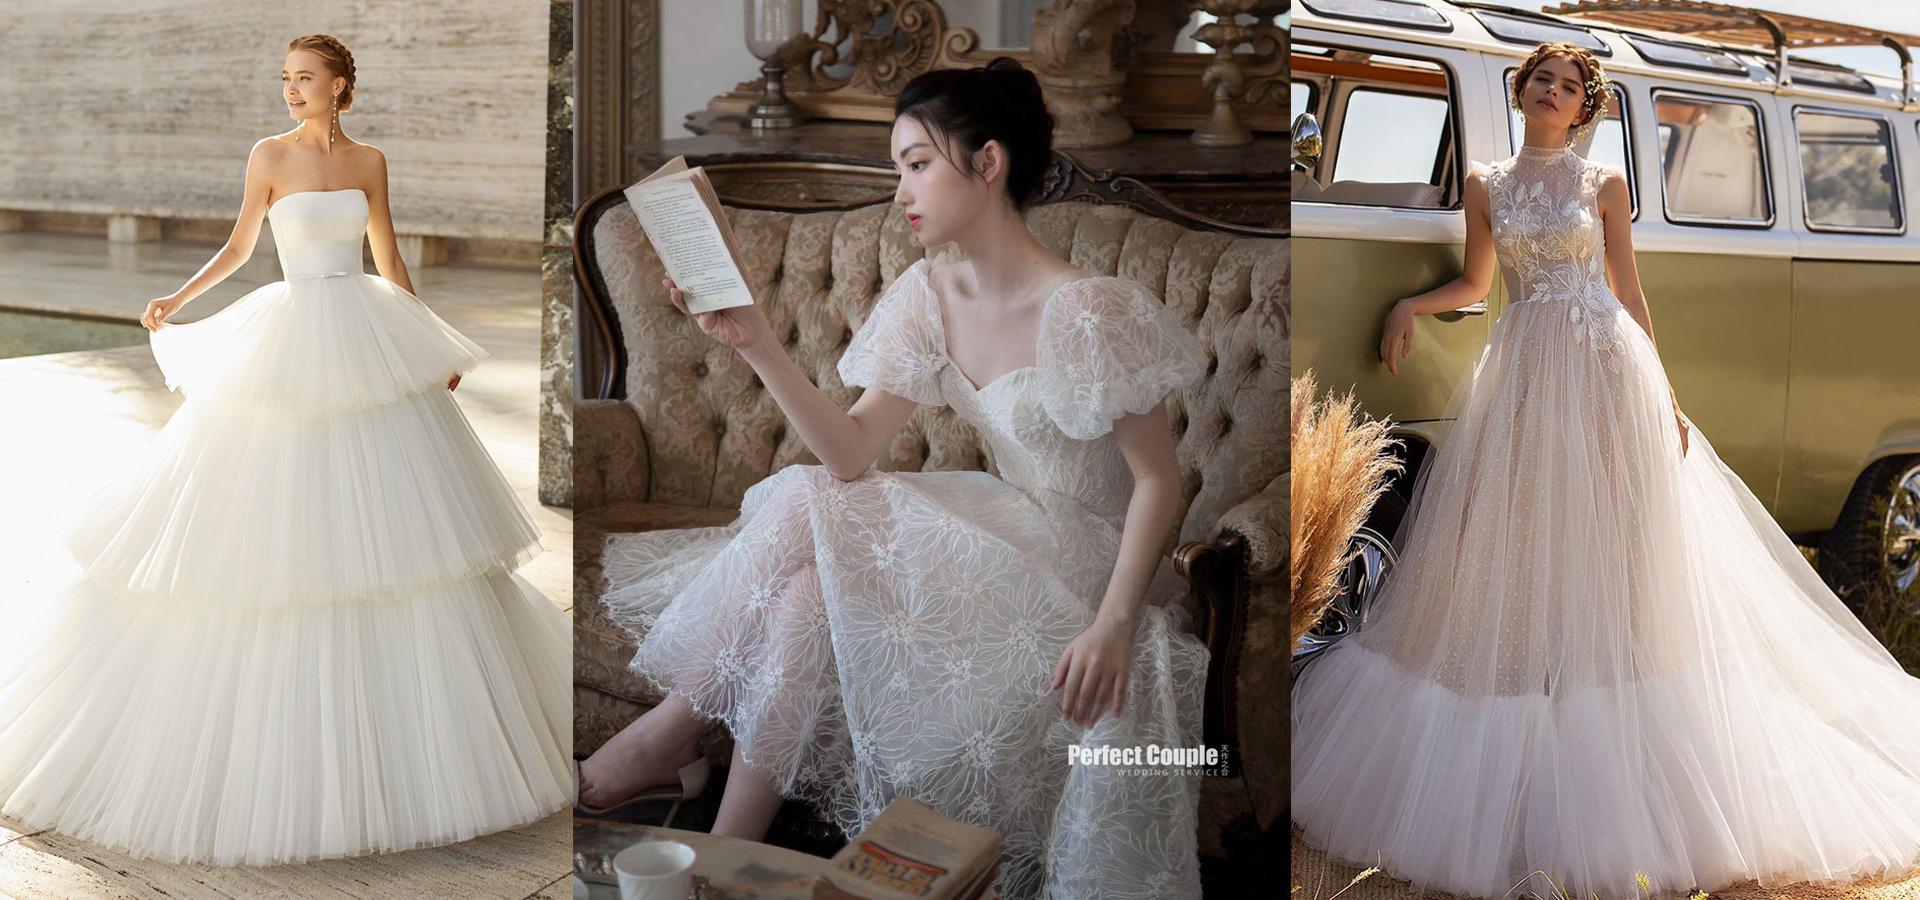 weddinggown-open2